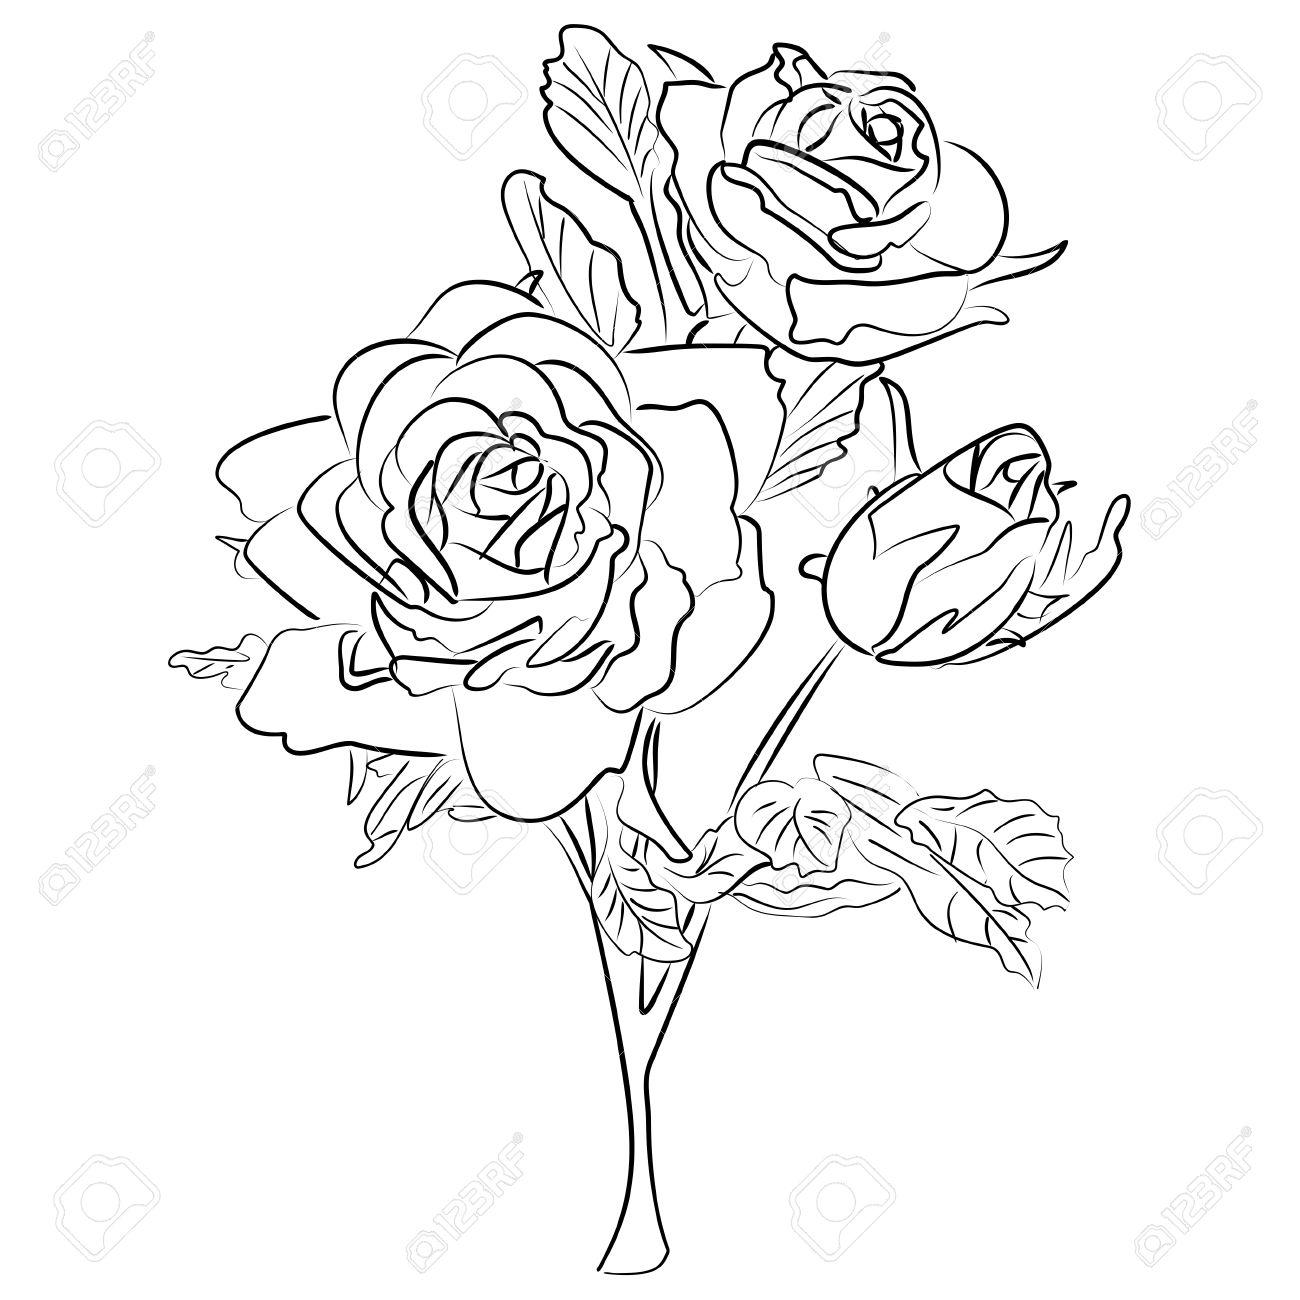 Dessin A L Encre D Une Rose En Noir Et Blanc Clip Art Libres De